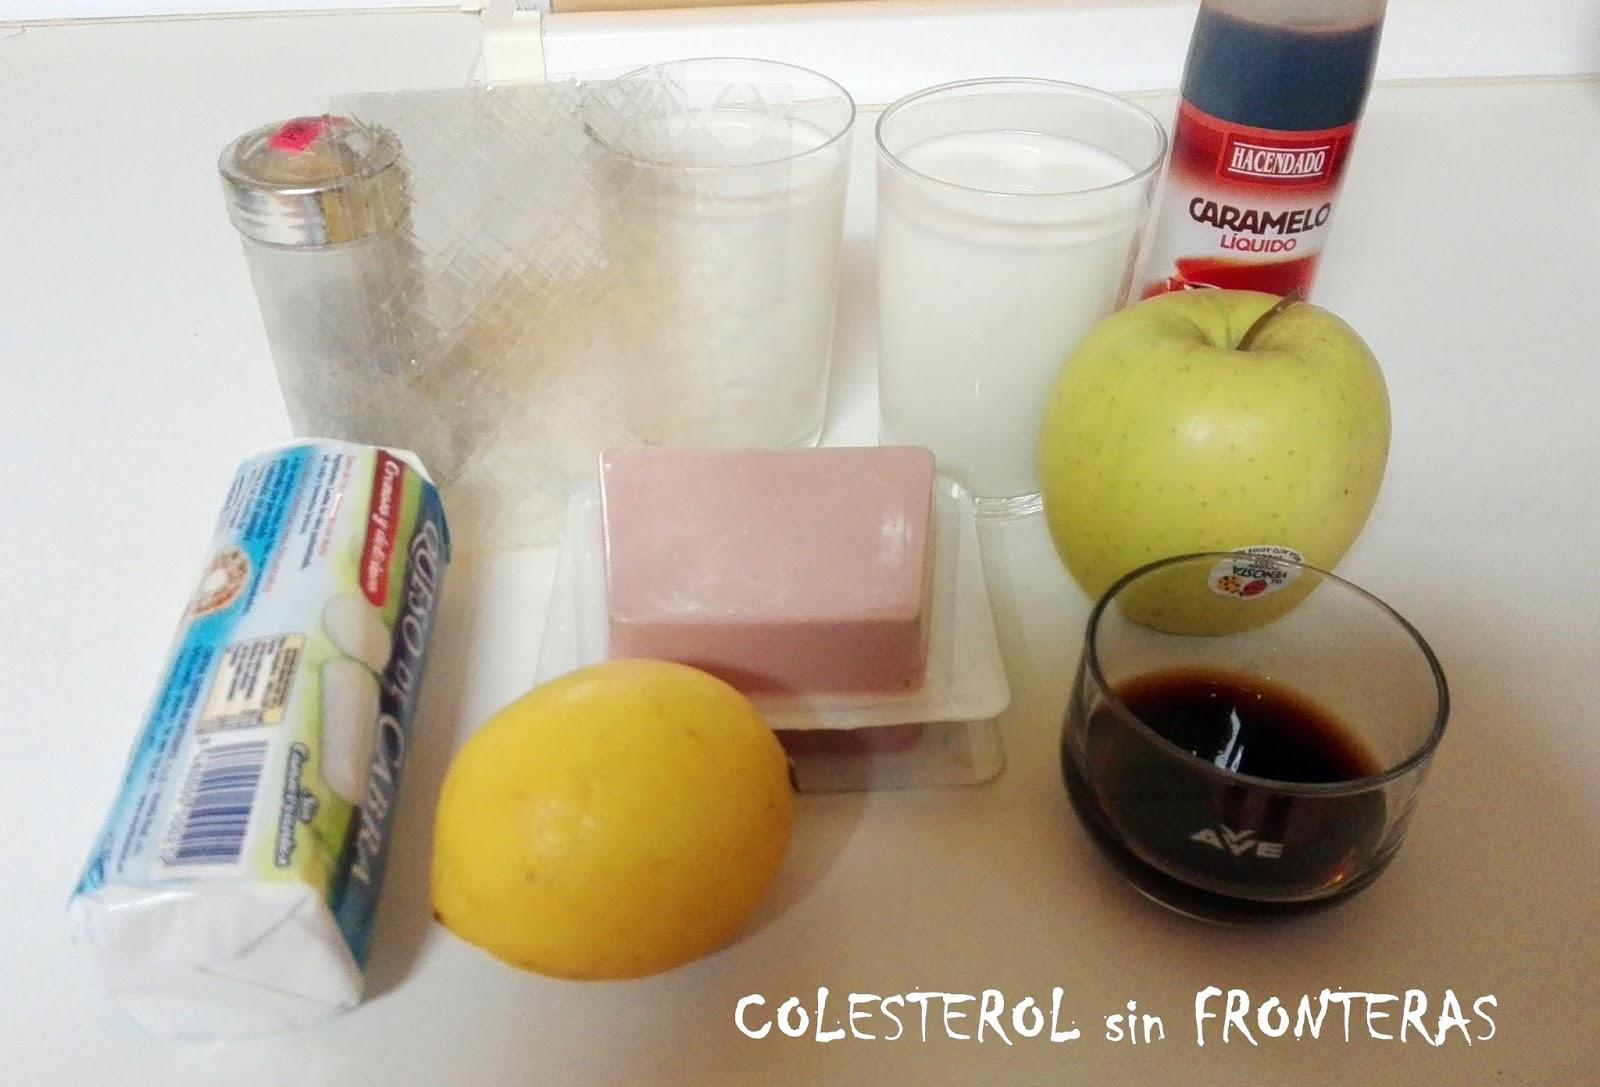 Colesterol sin fronteras mousse de foie y queso de cabra - Queso de cabra y colesterol ...